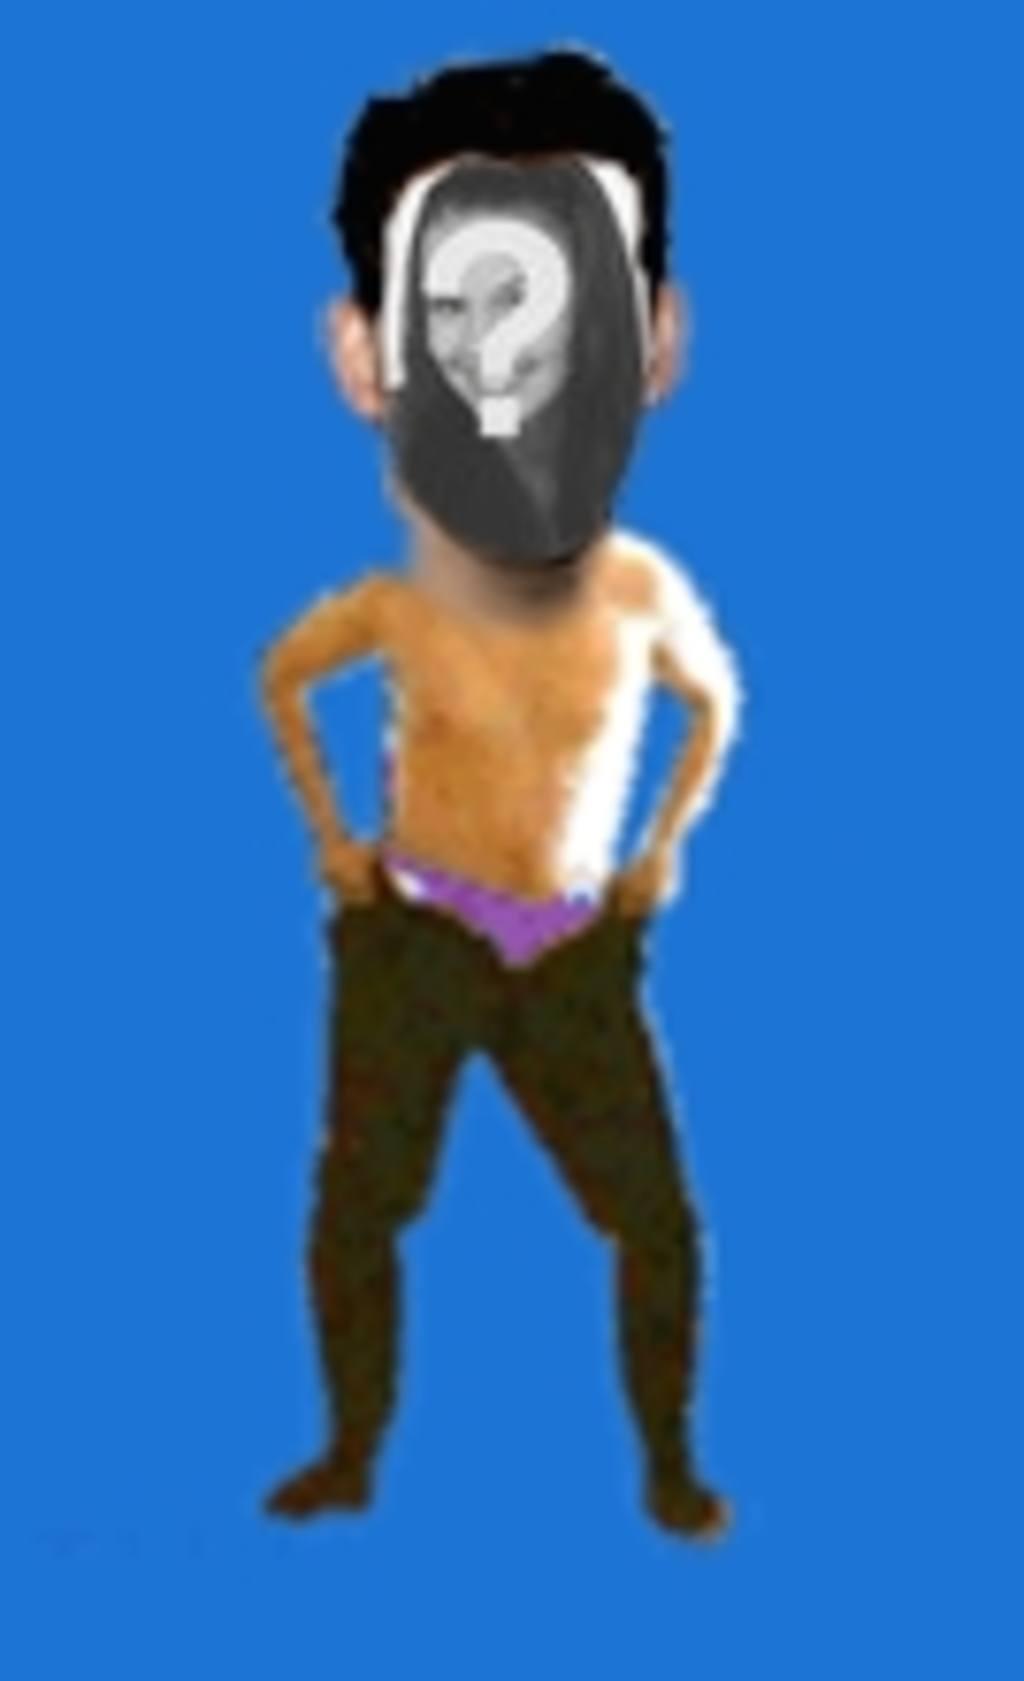 fotomontaje animado pones cara cuerpo un chico bailando pasion camiseta